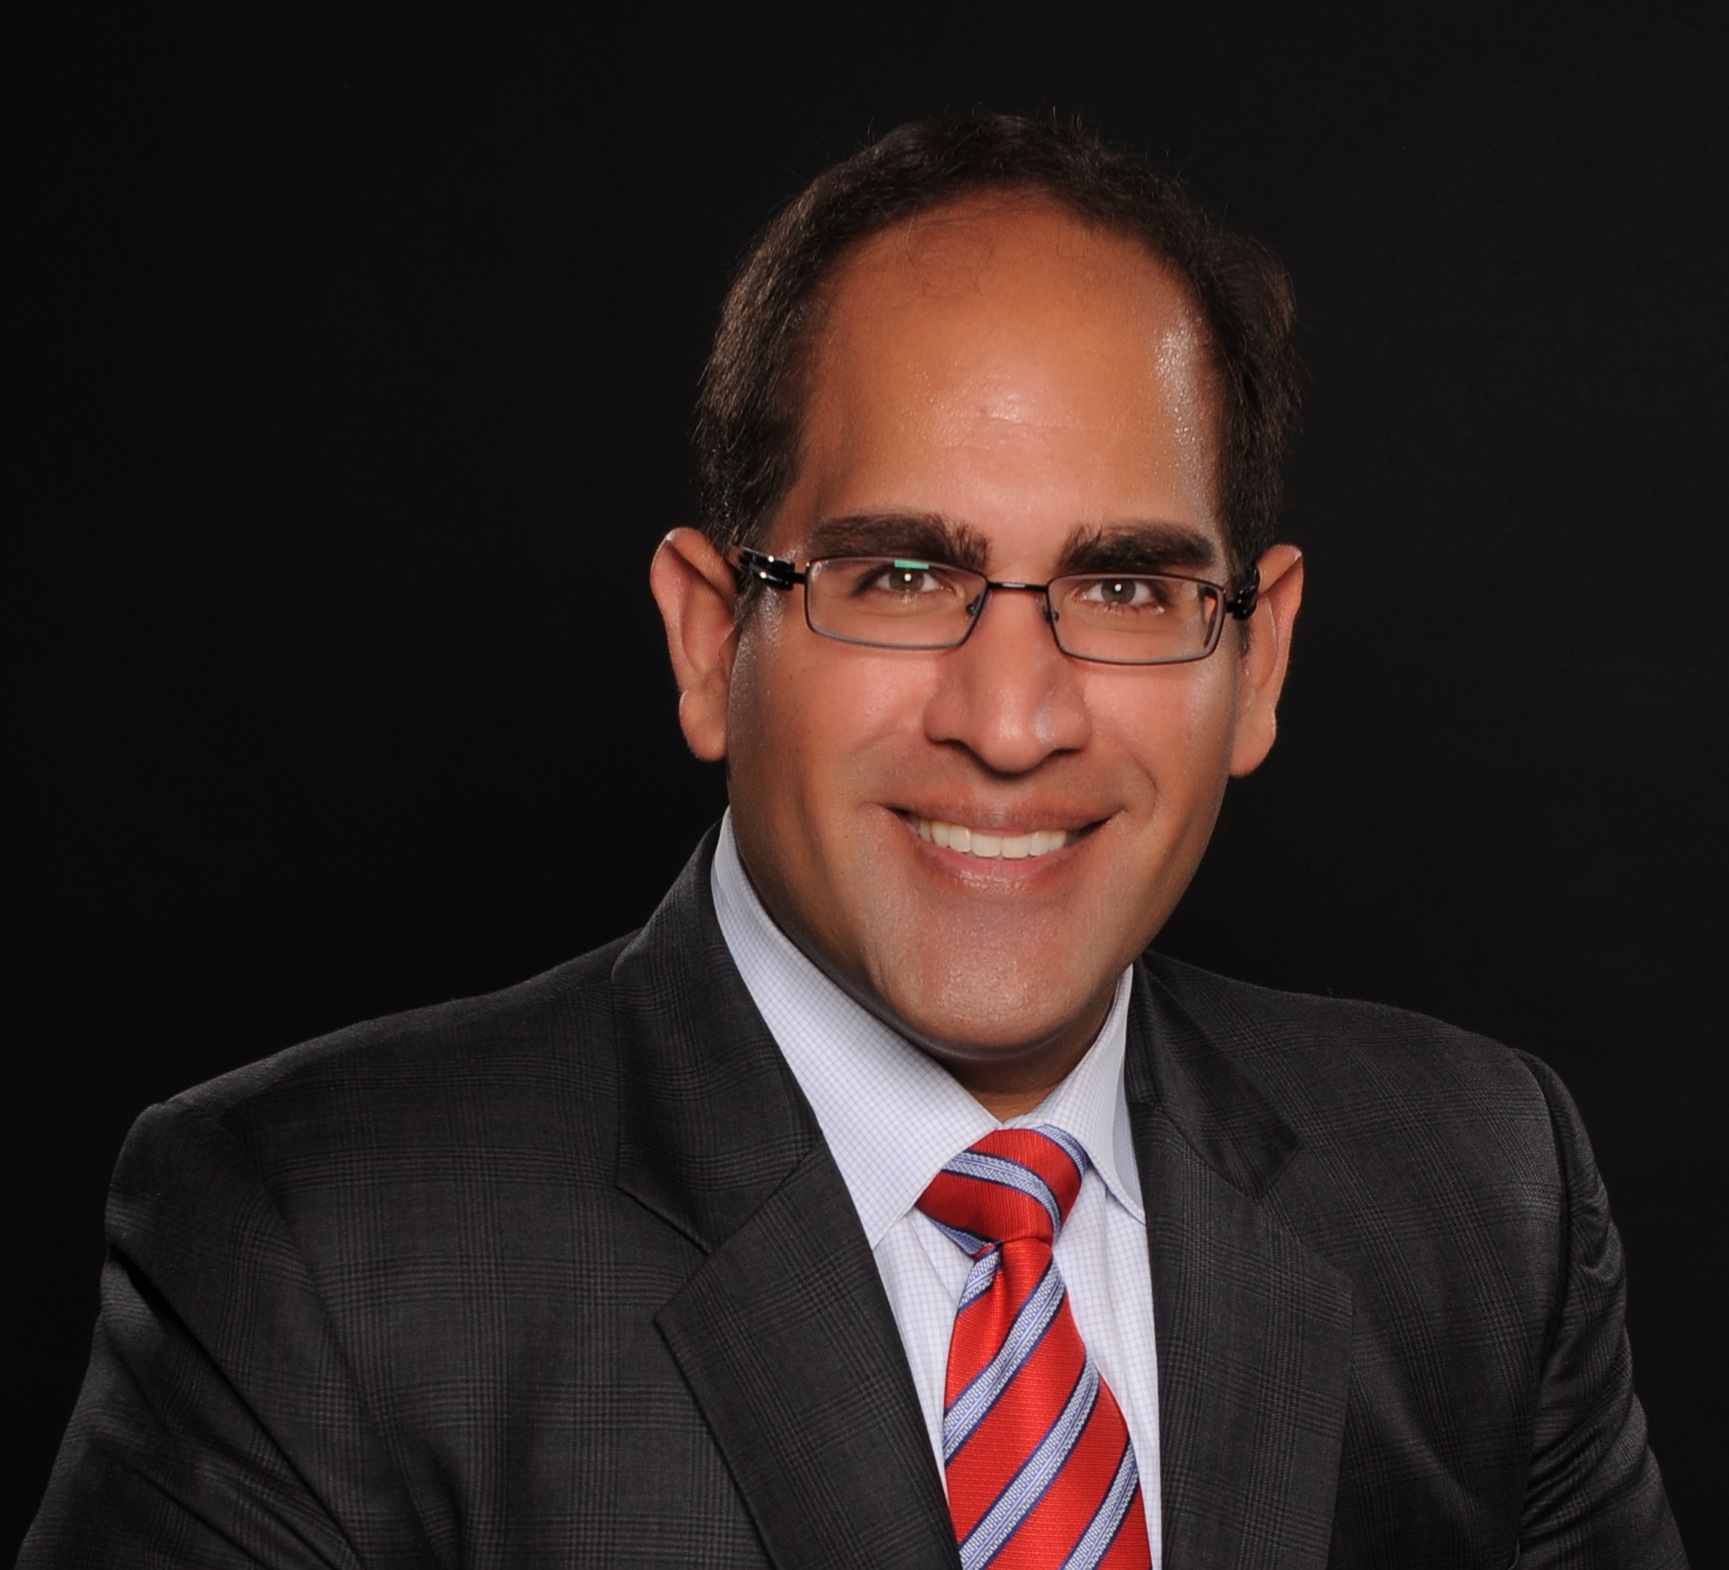 Vikram D. Bakhru